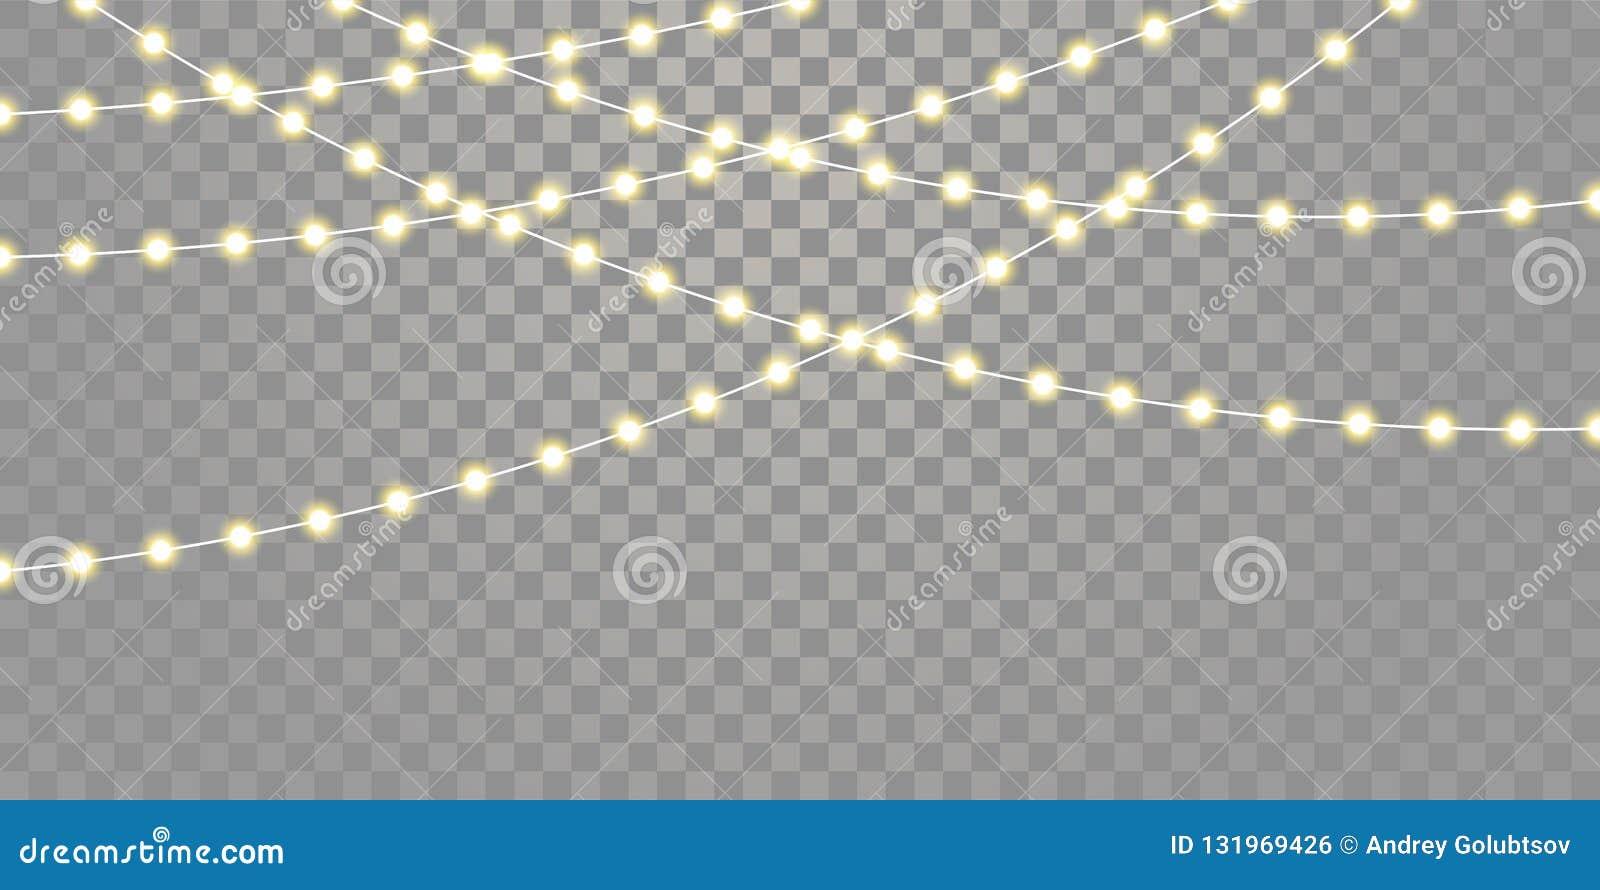 Bożonarodzeniowe światła wektor odizolowywający zawiązuje dla wakacyjnego świętowania Xmas, urodziny, festiwal lampy światła na p